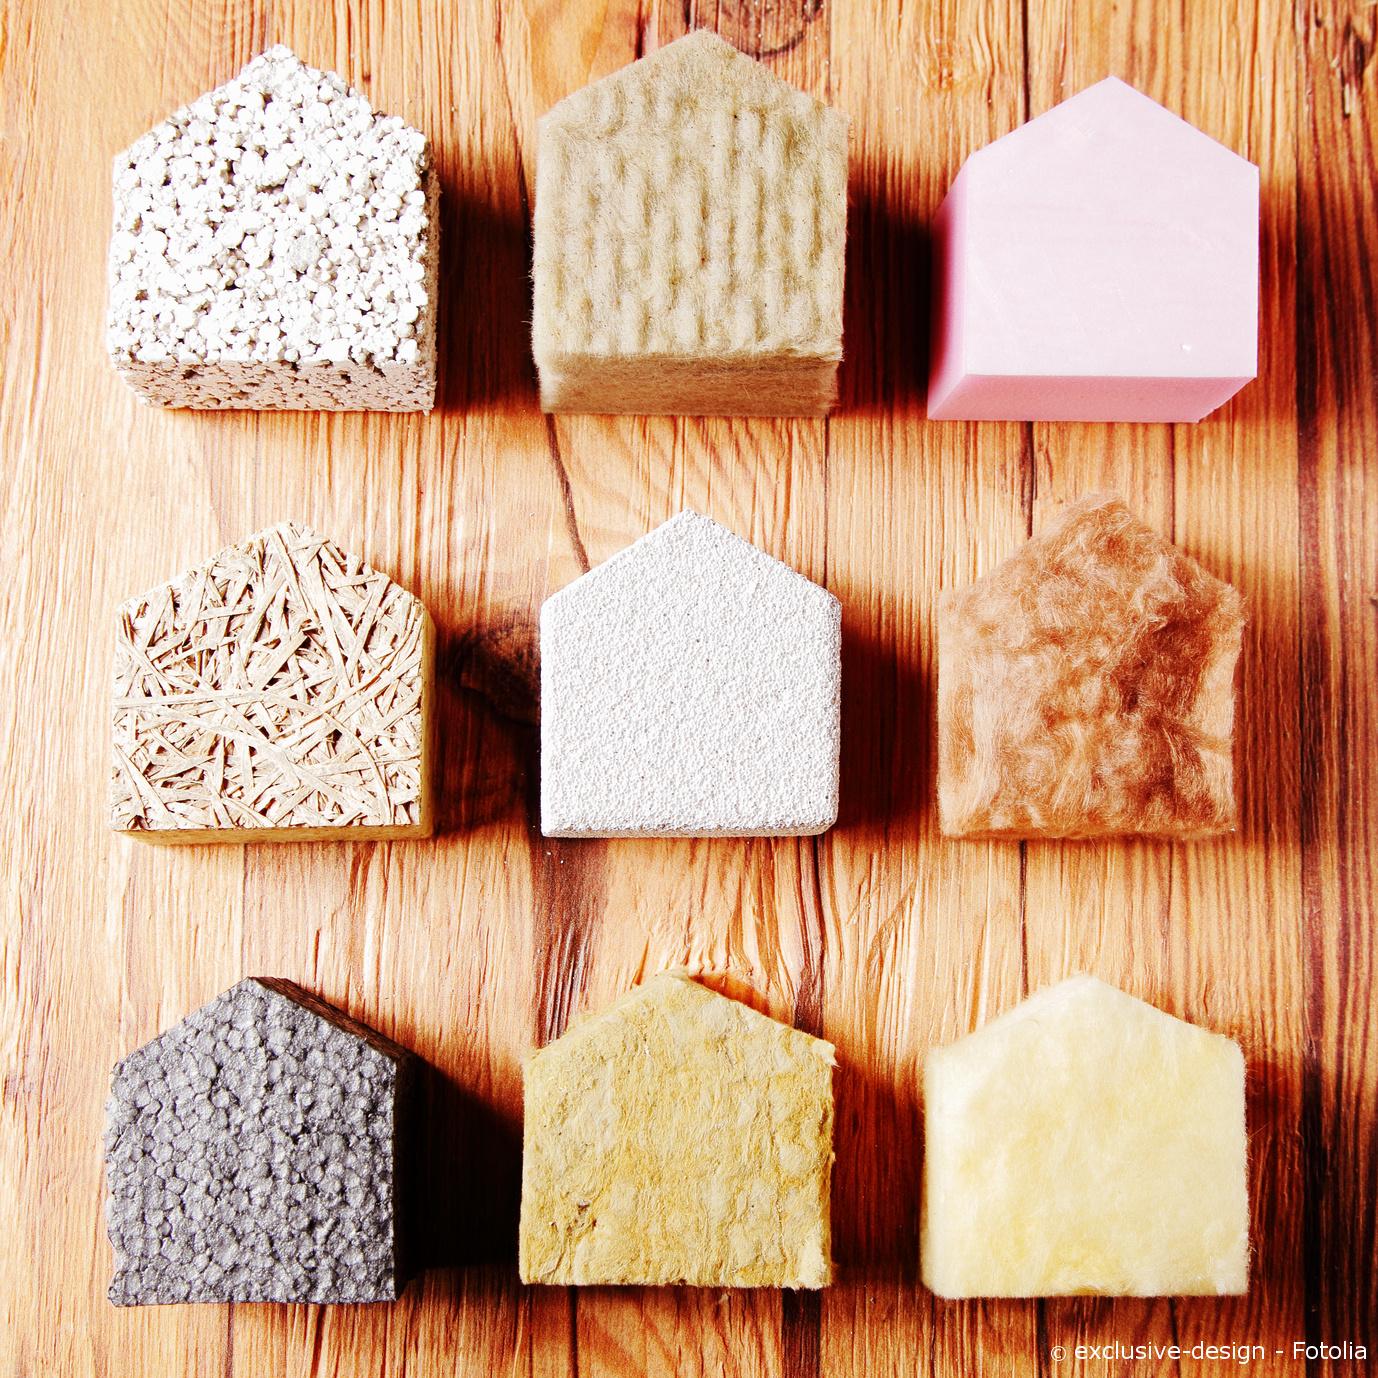 mineralische d mmstoffe eine umweltfreundliche. Black Bedroom Furniture Sets. Home Design Ideas